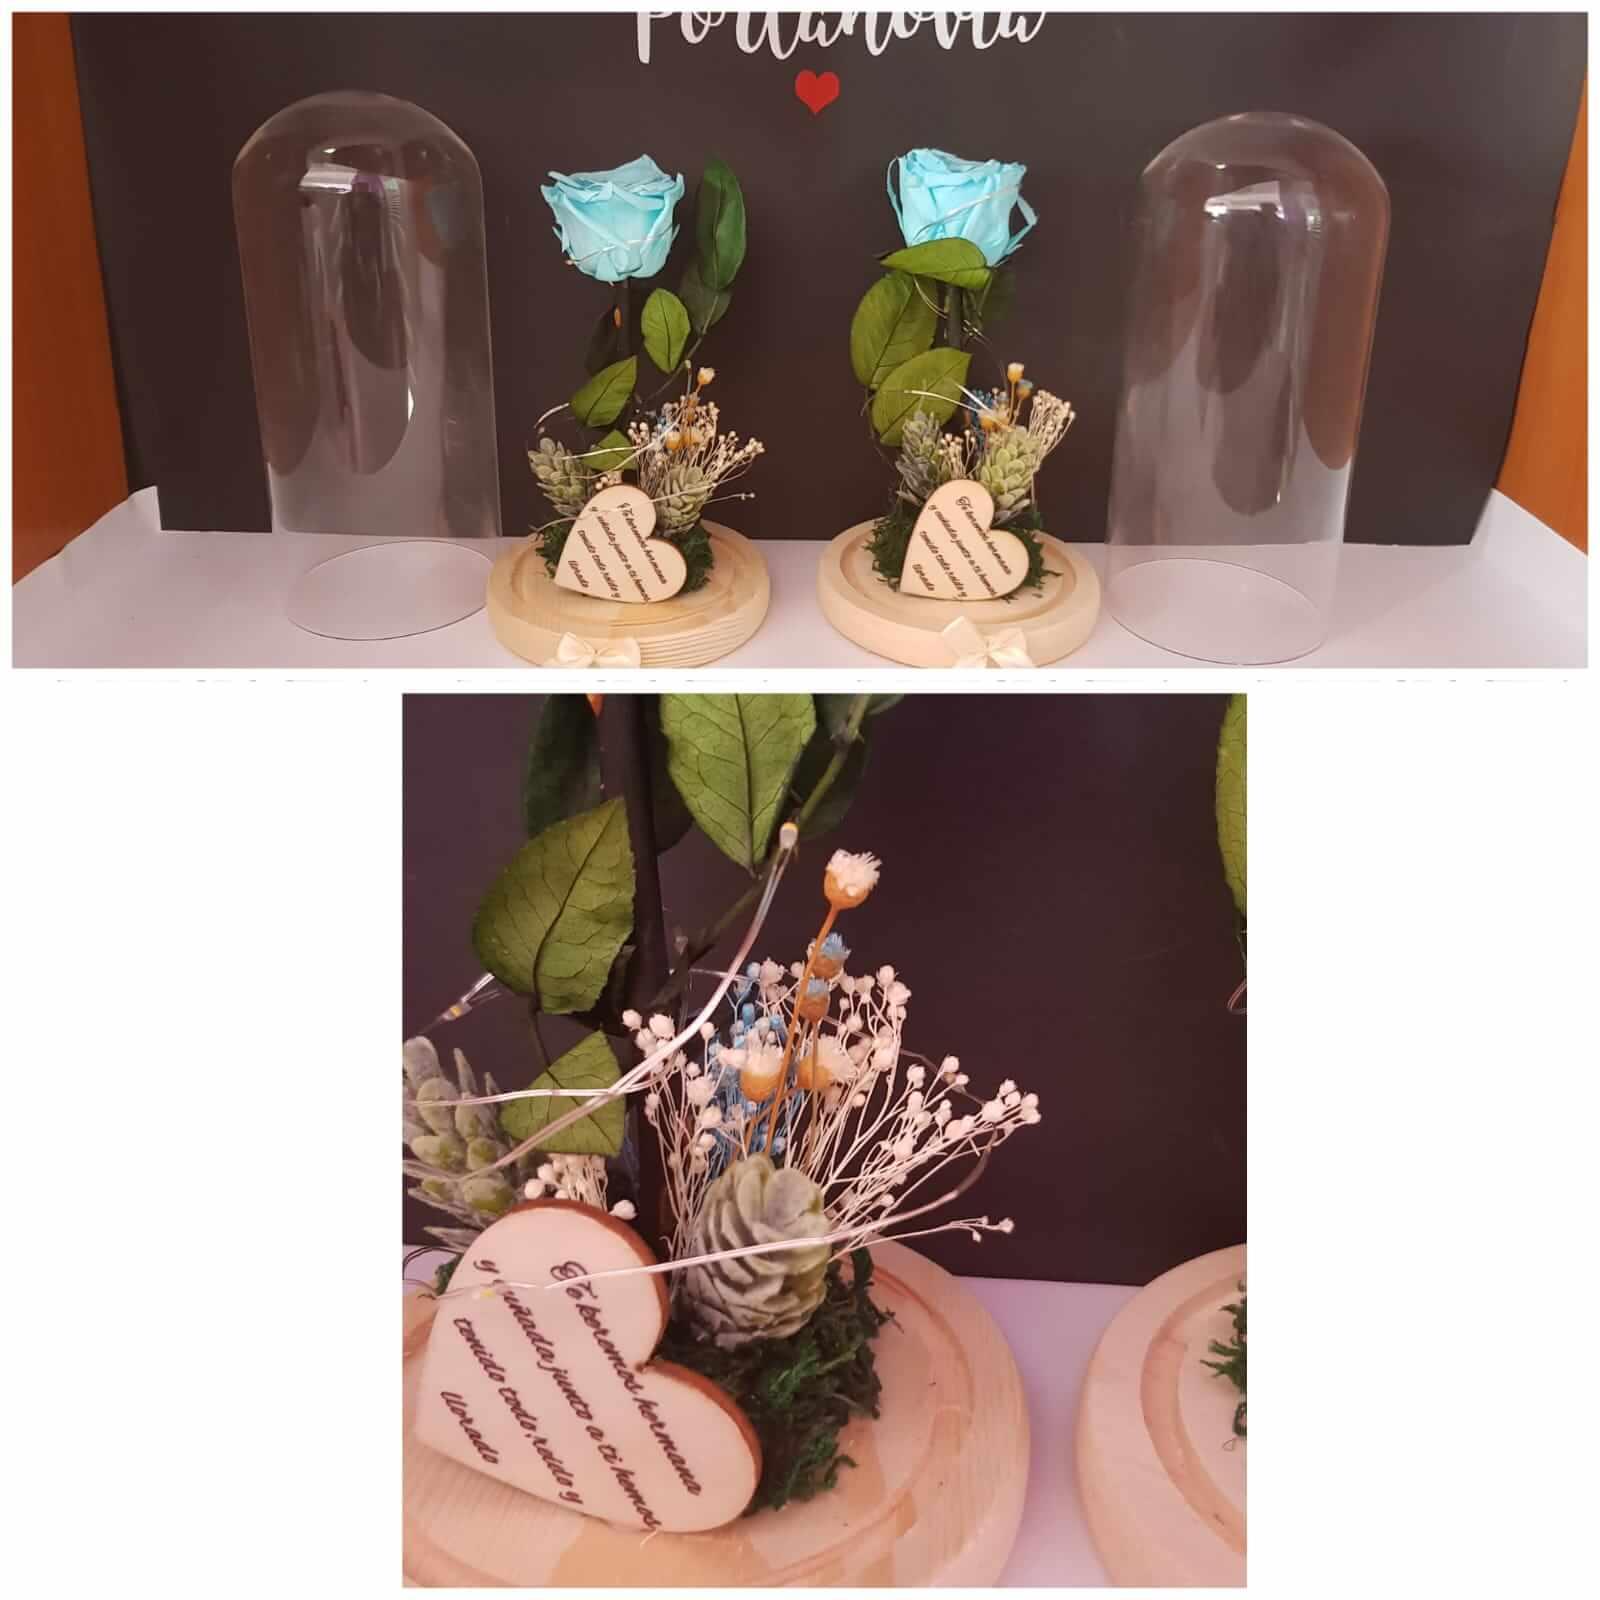 cupula de cristal cupula de cristal - C  pula de cristal con rosa preservada  - Cúpula de cristal con rosa preservada